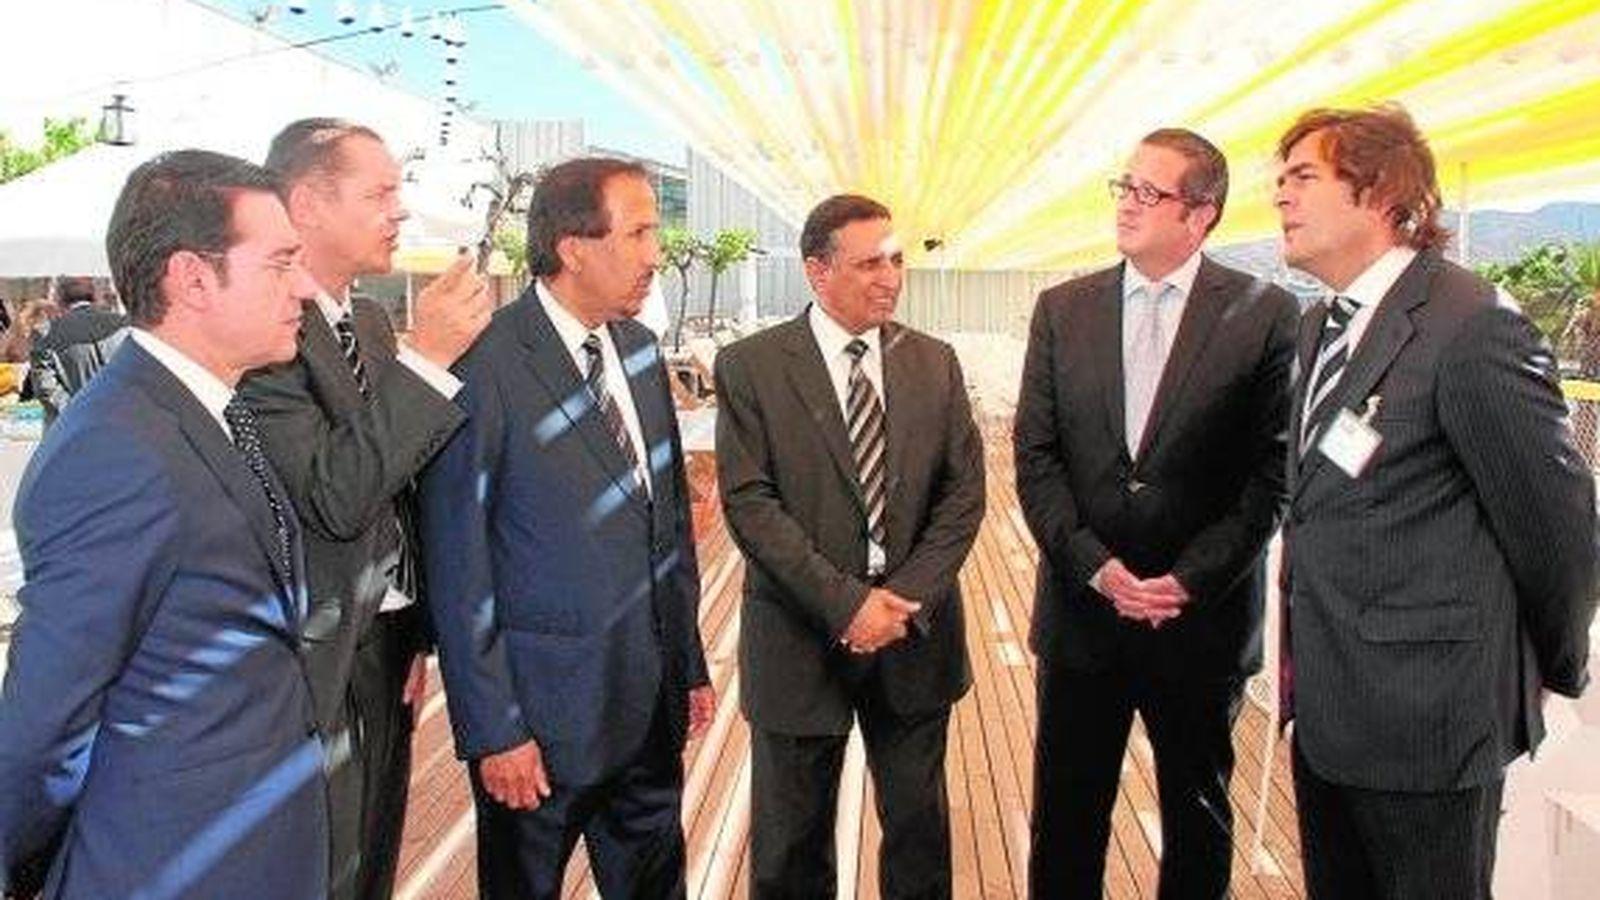 Foto: El príncipe Abdulá bin Zanyan al-Saud (tercero por la derecha), con directivos de Sabic, en una visita a la planta de Murcia en 2014. (Sabic)